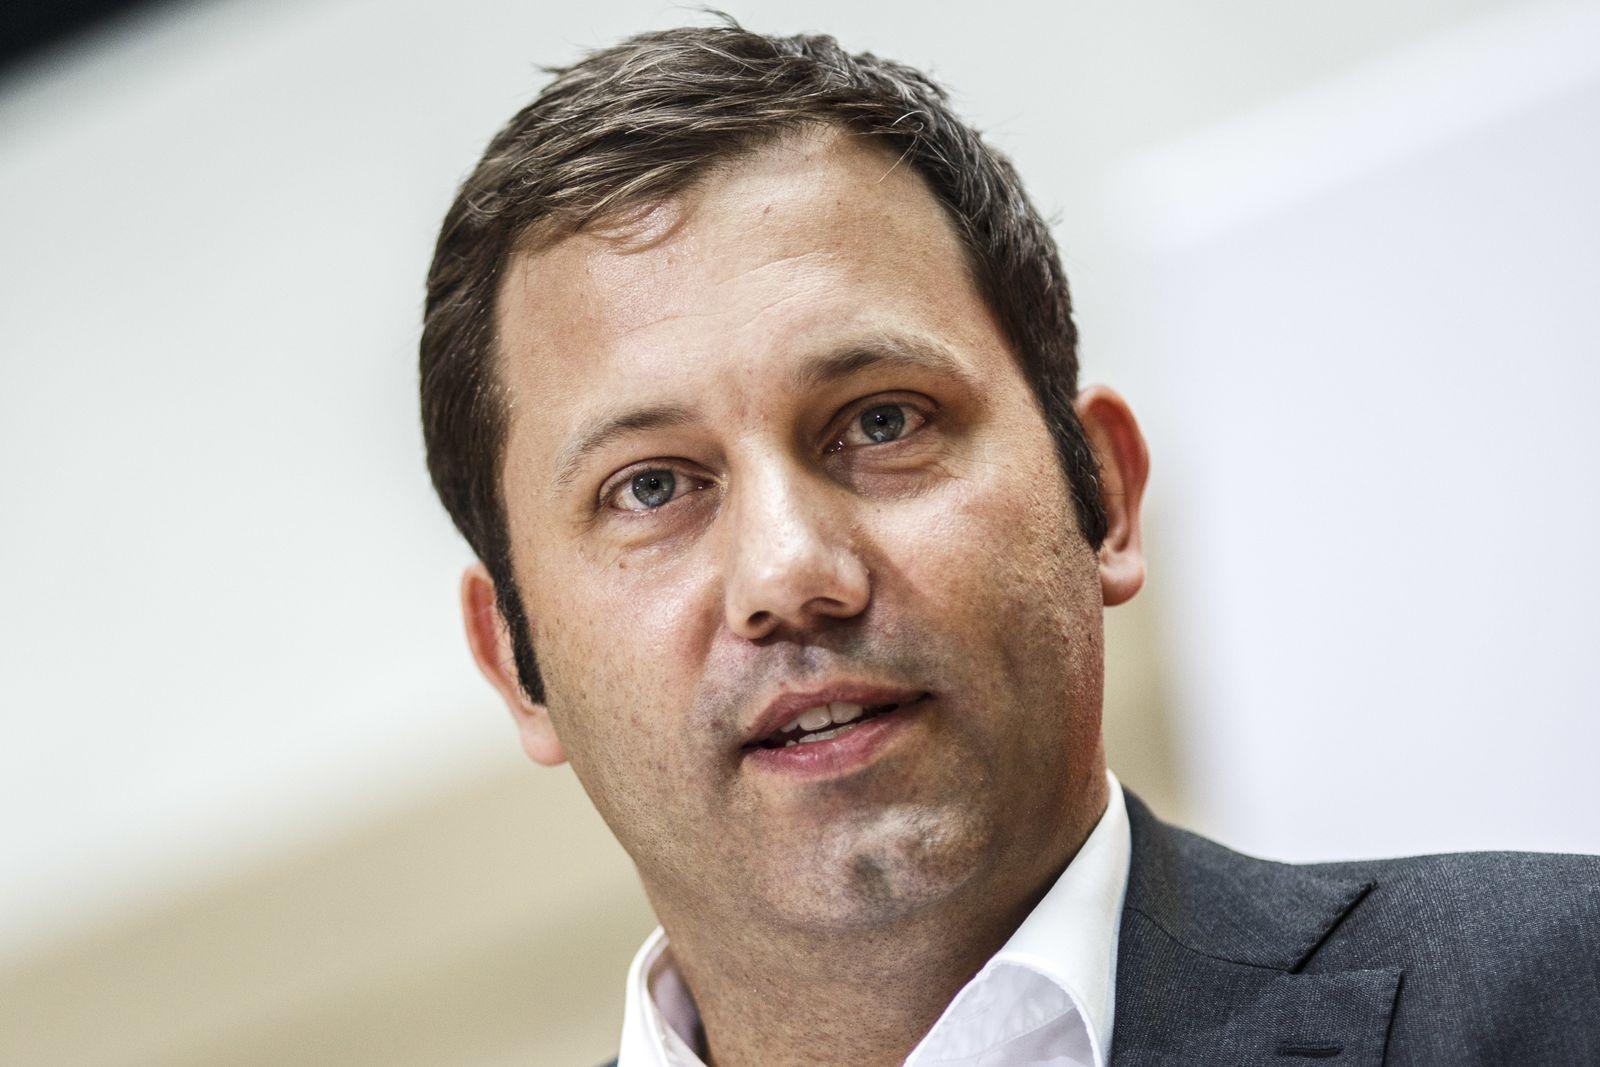 Kandidaten für den SPD-Vorsitz/ Lars Klingbeil